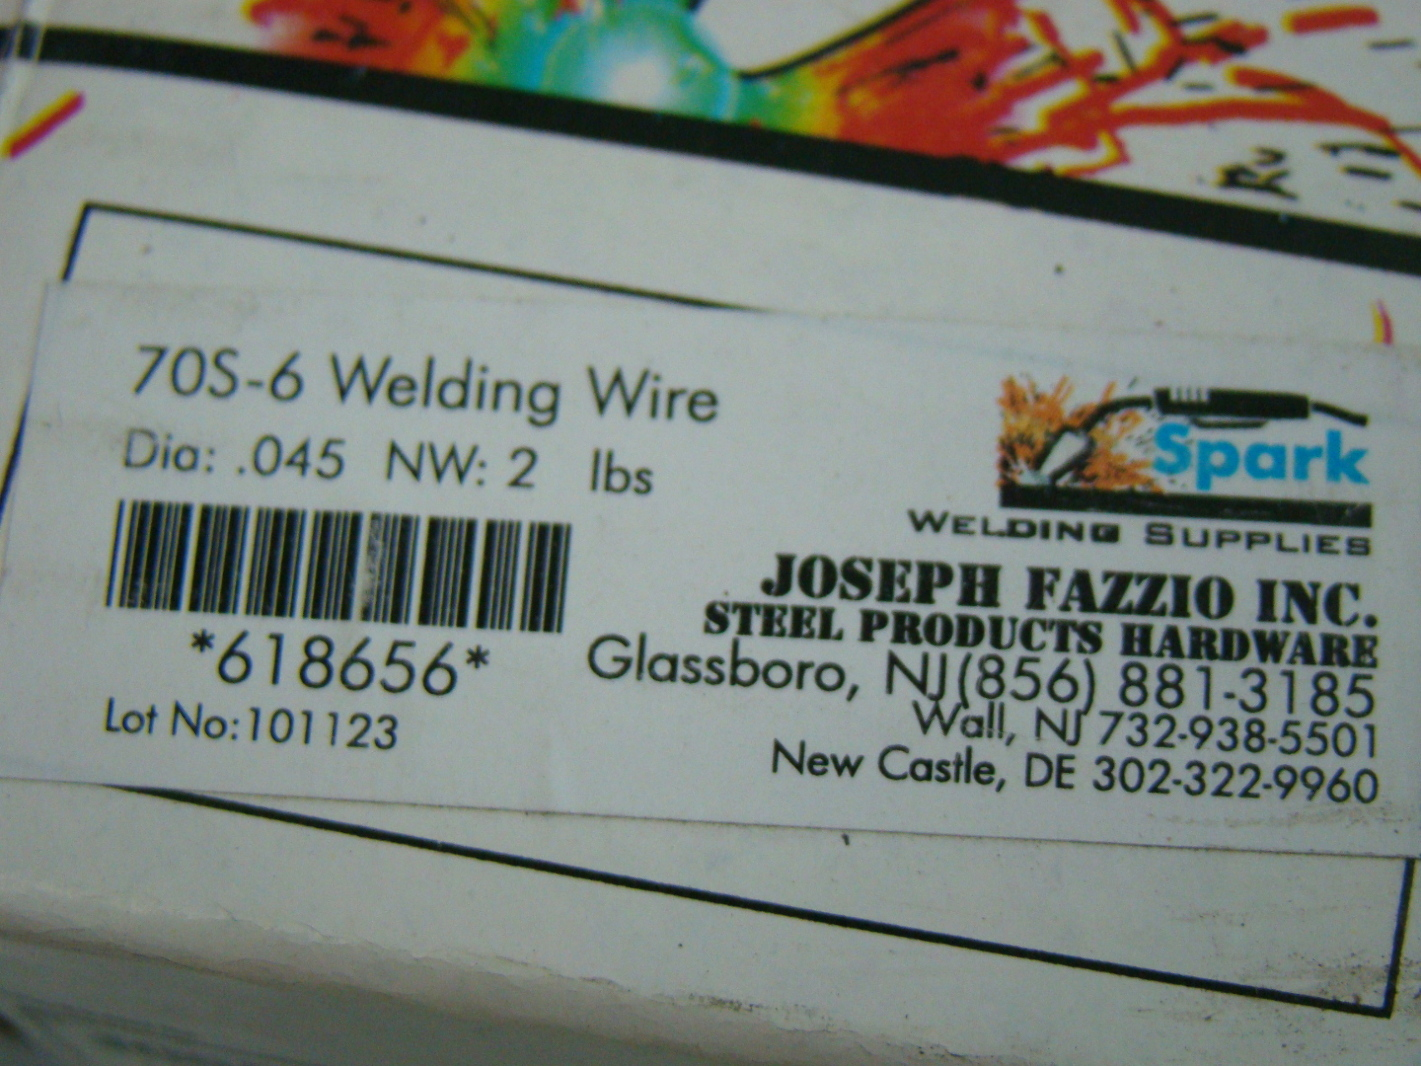 Joseph fazzio inc 045 2lb 70s 6 welding wire